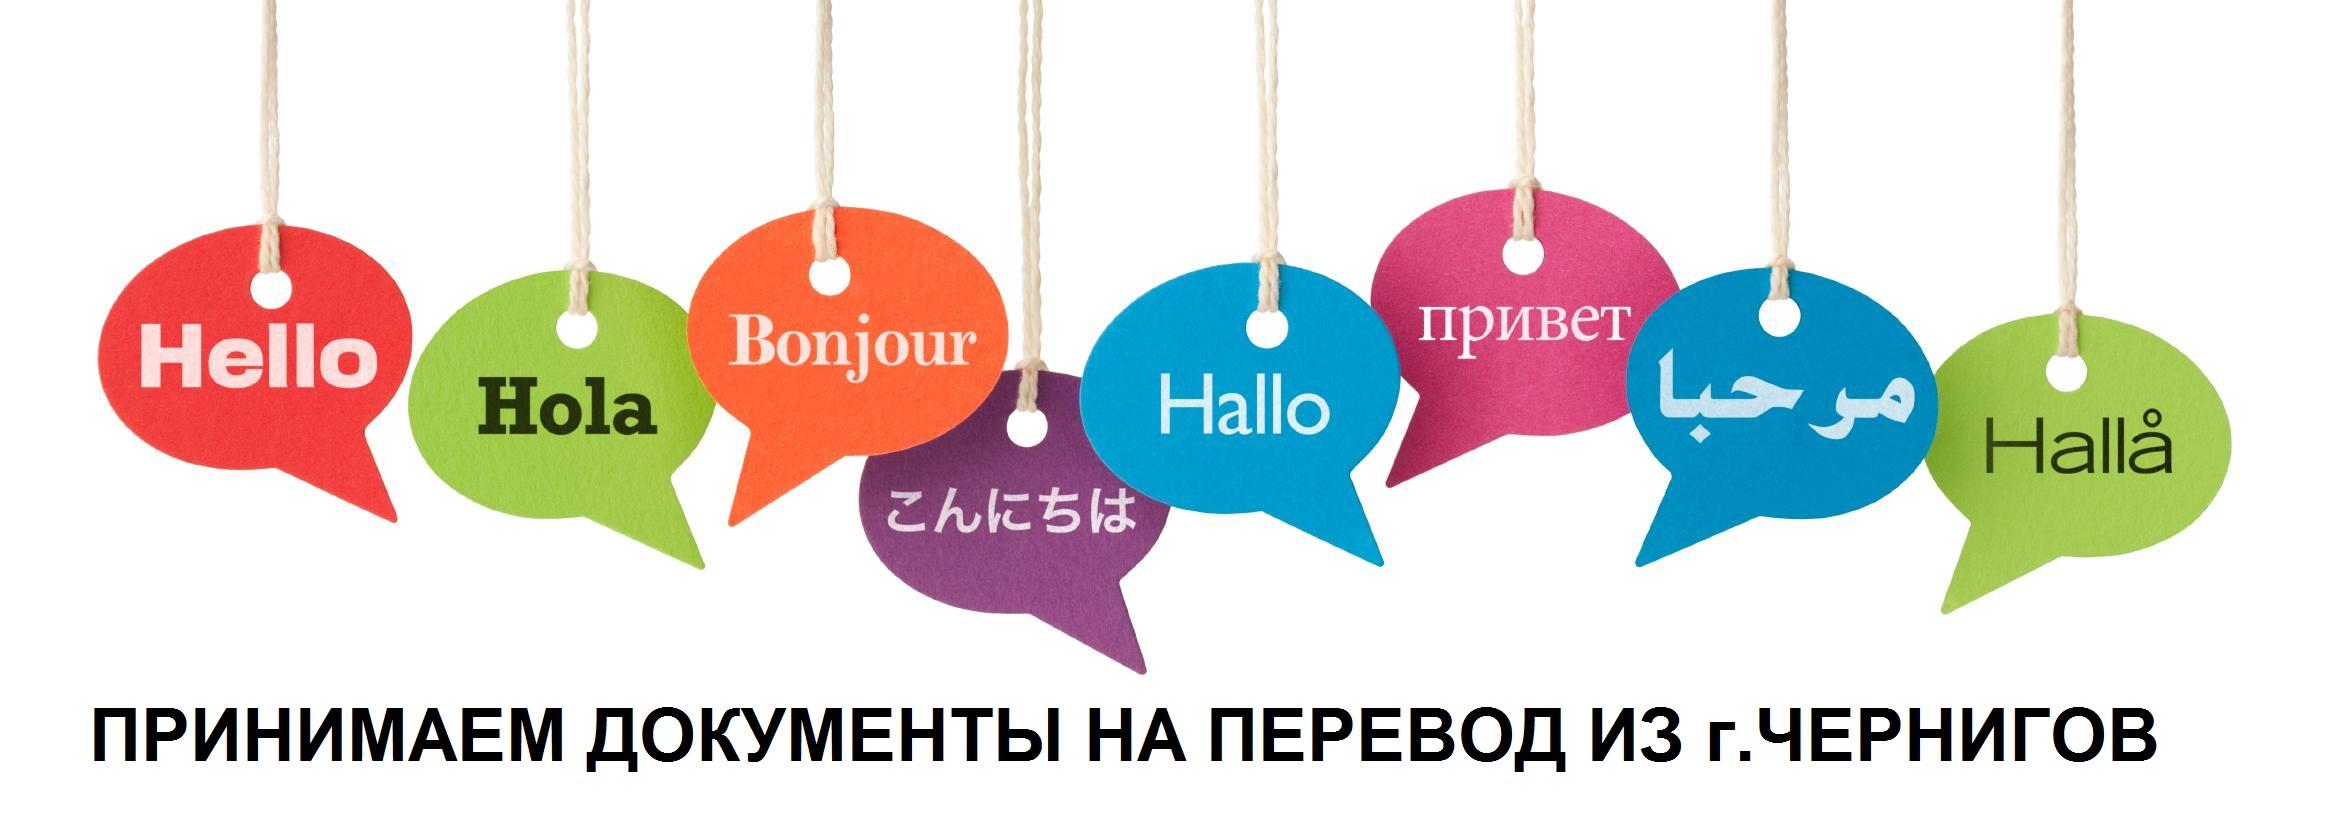 ПРИНИМАЕМ ДОКУМЕНТЫ НА ПЕРЕВОД ИЗ г.ЧЕРНИГОВ - SpravkaInform.com.ua